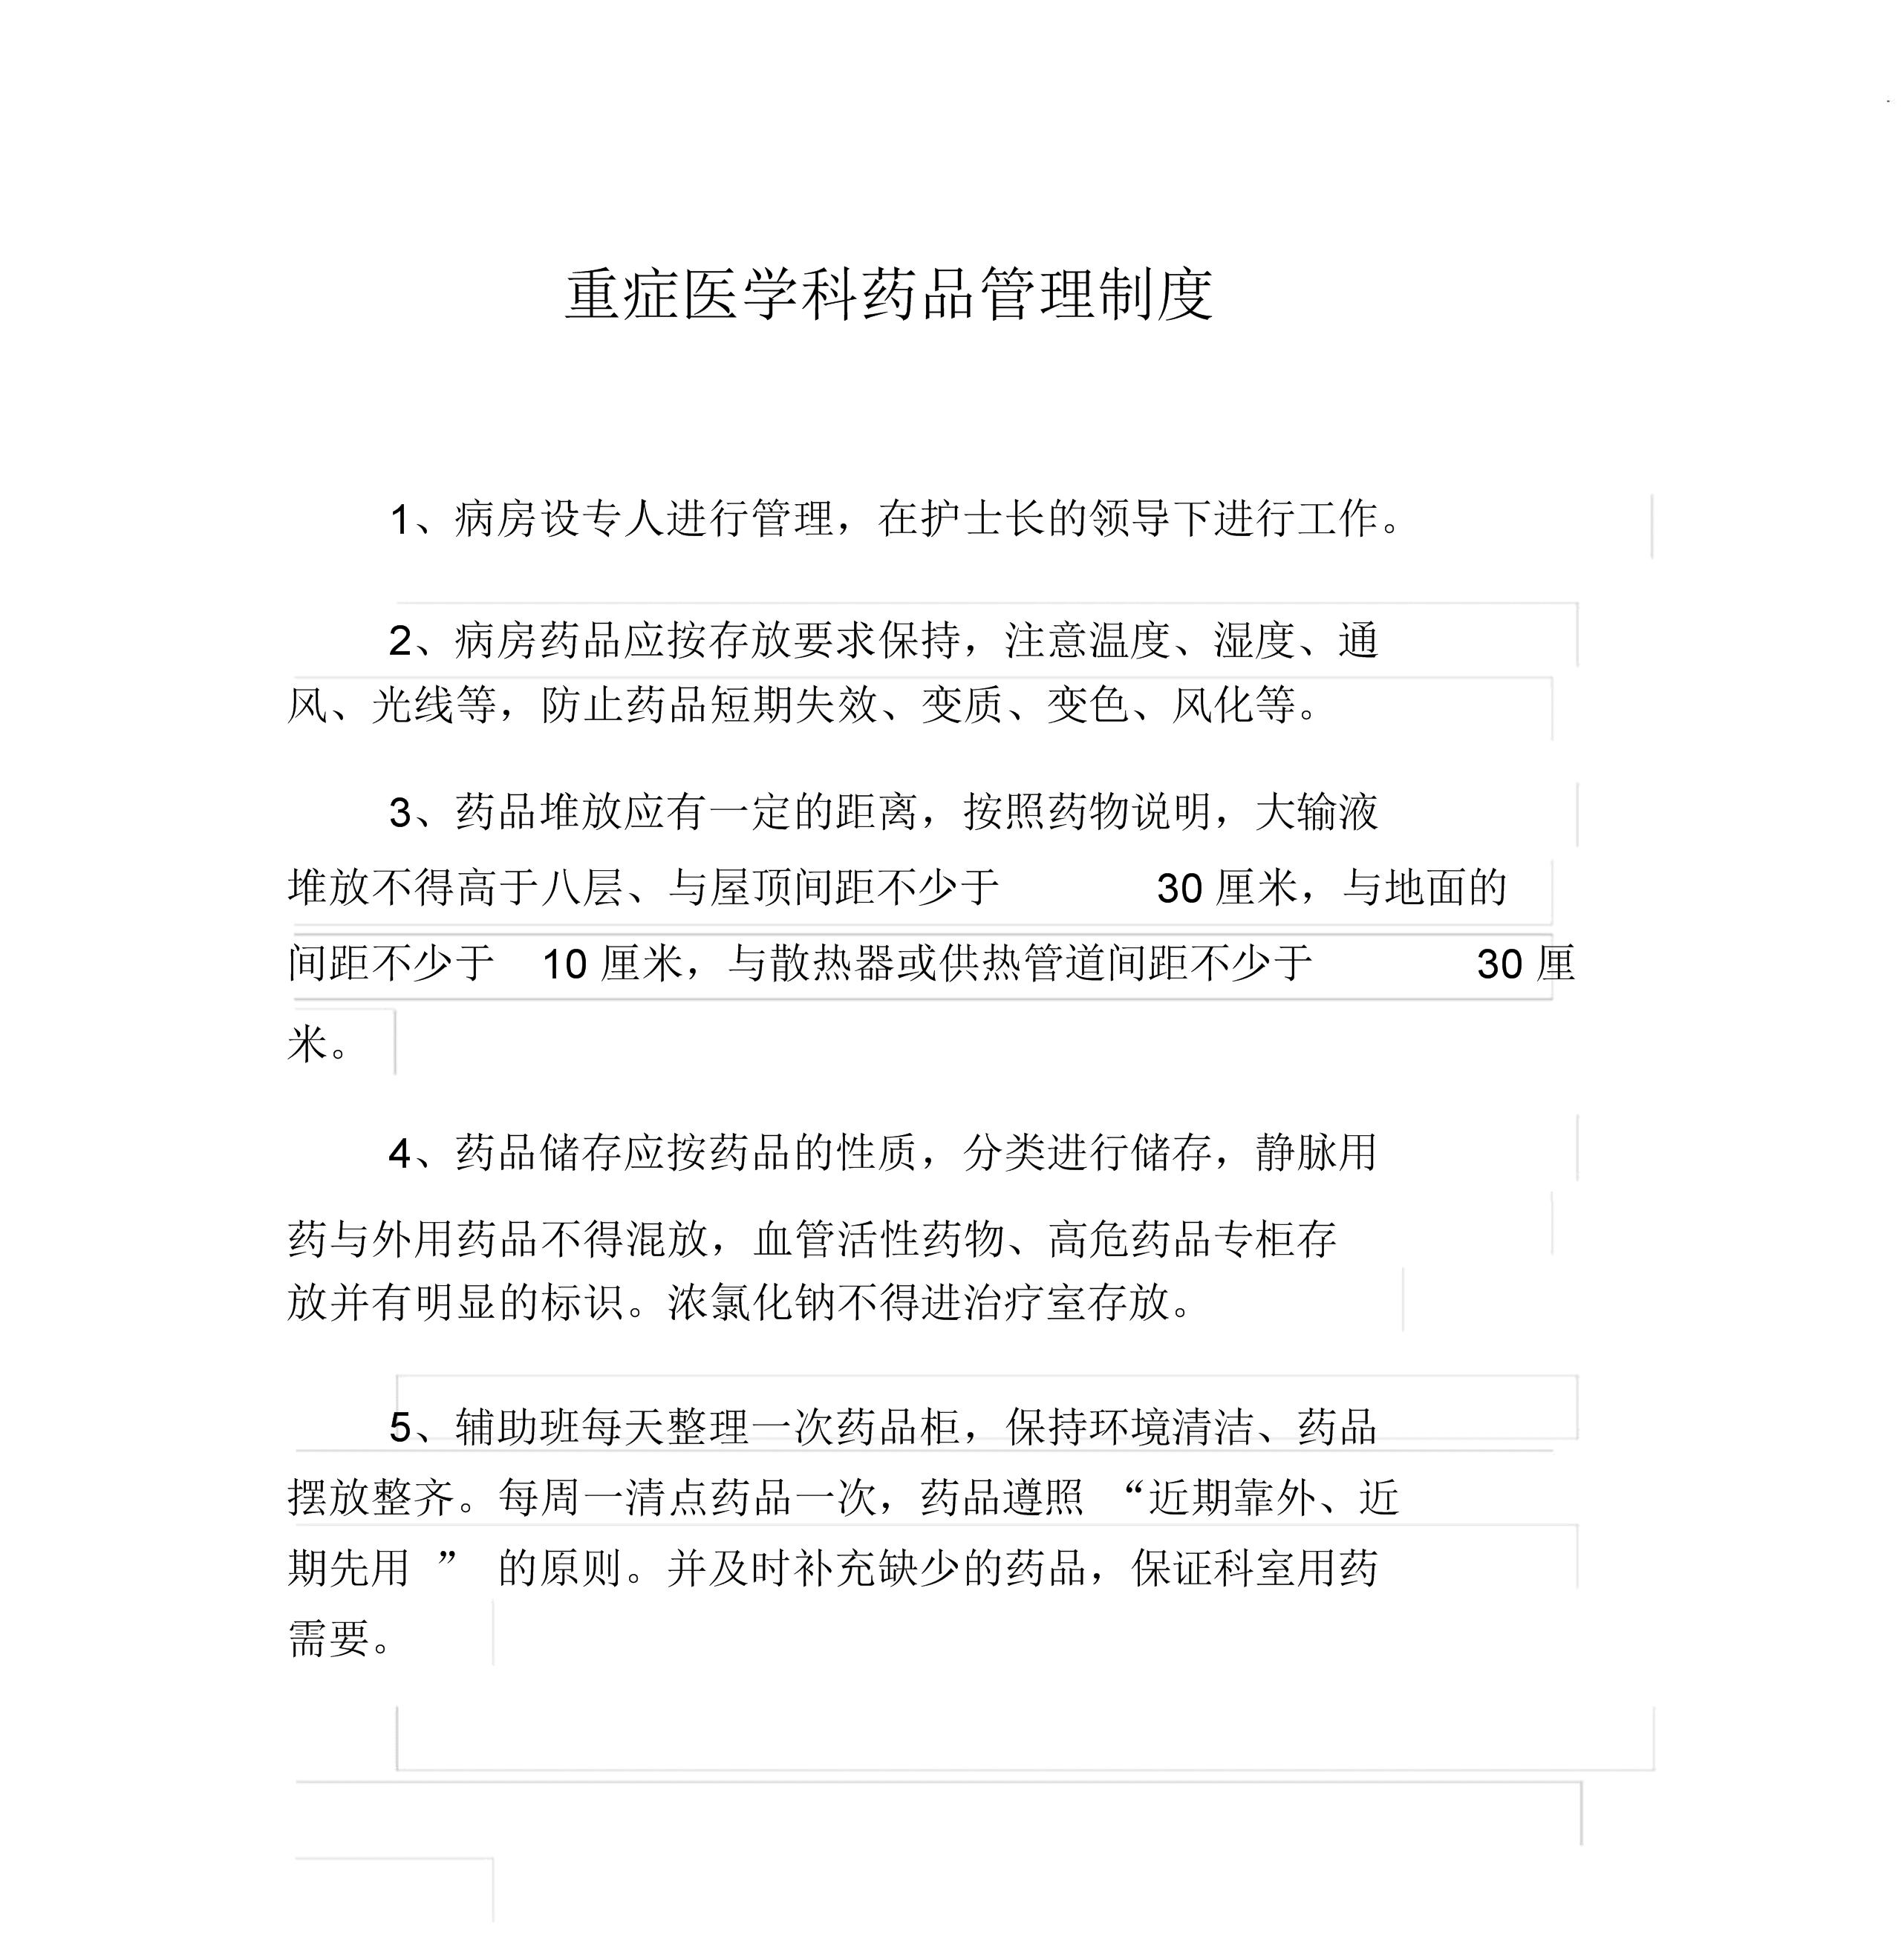 重症医学科药品管理制度.docx